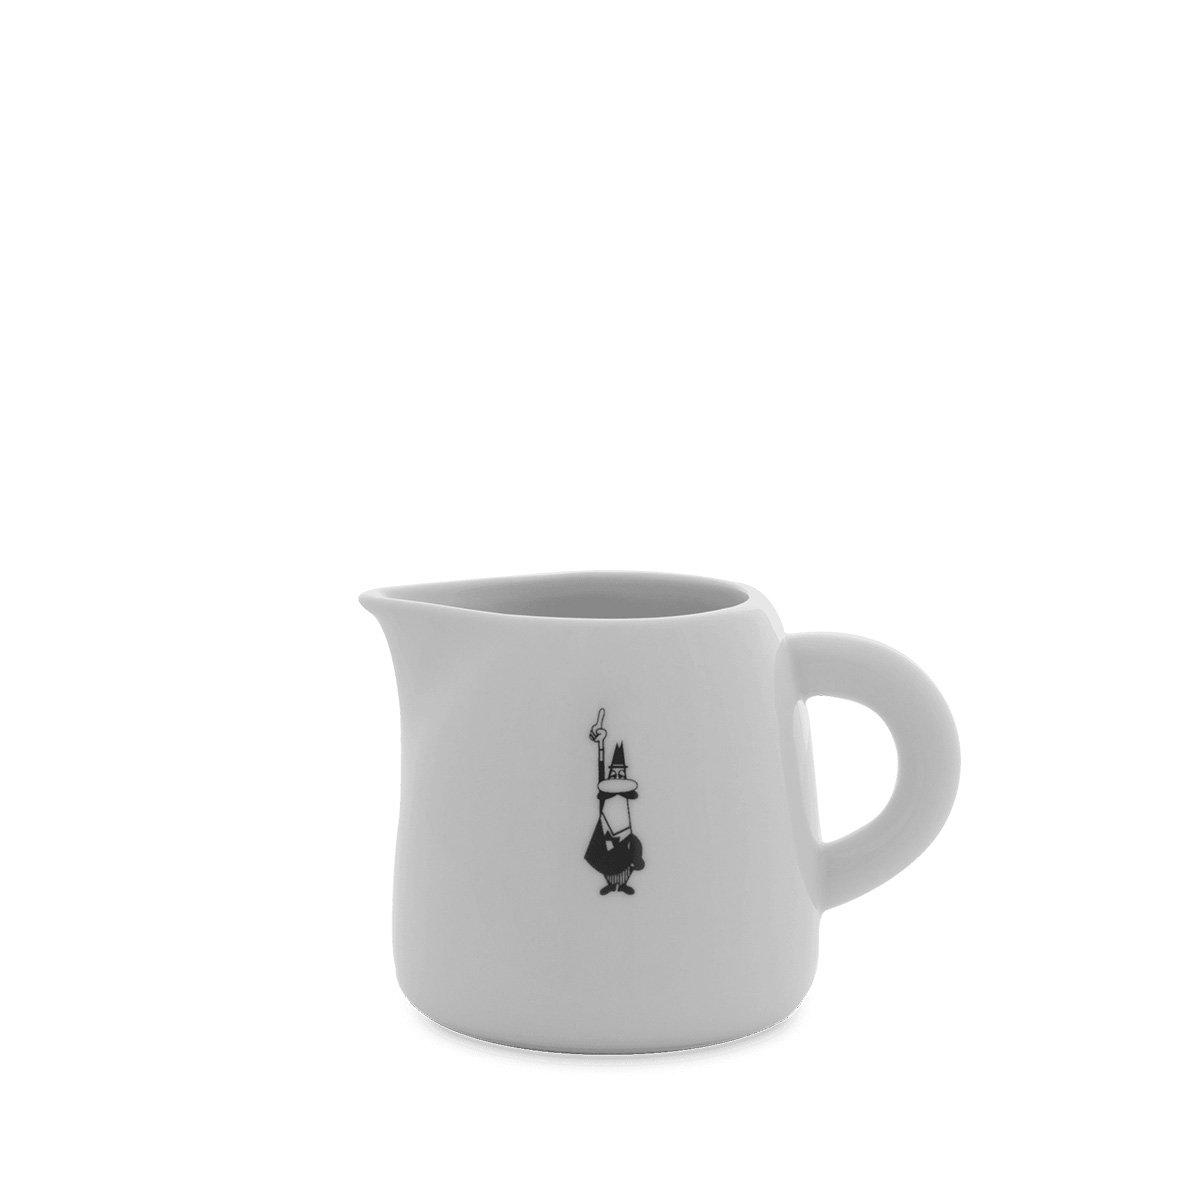 Jarra de leche en porcelana Bialetti